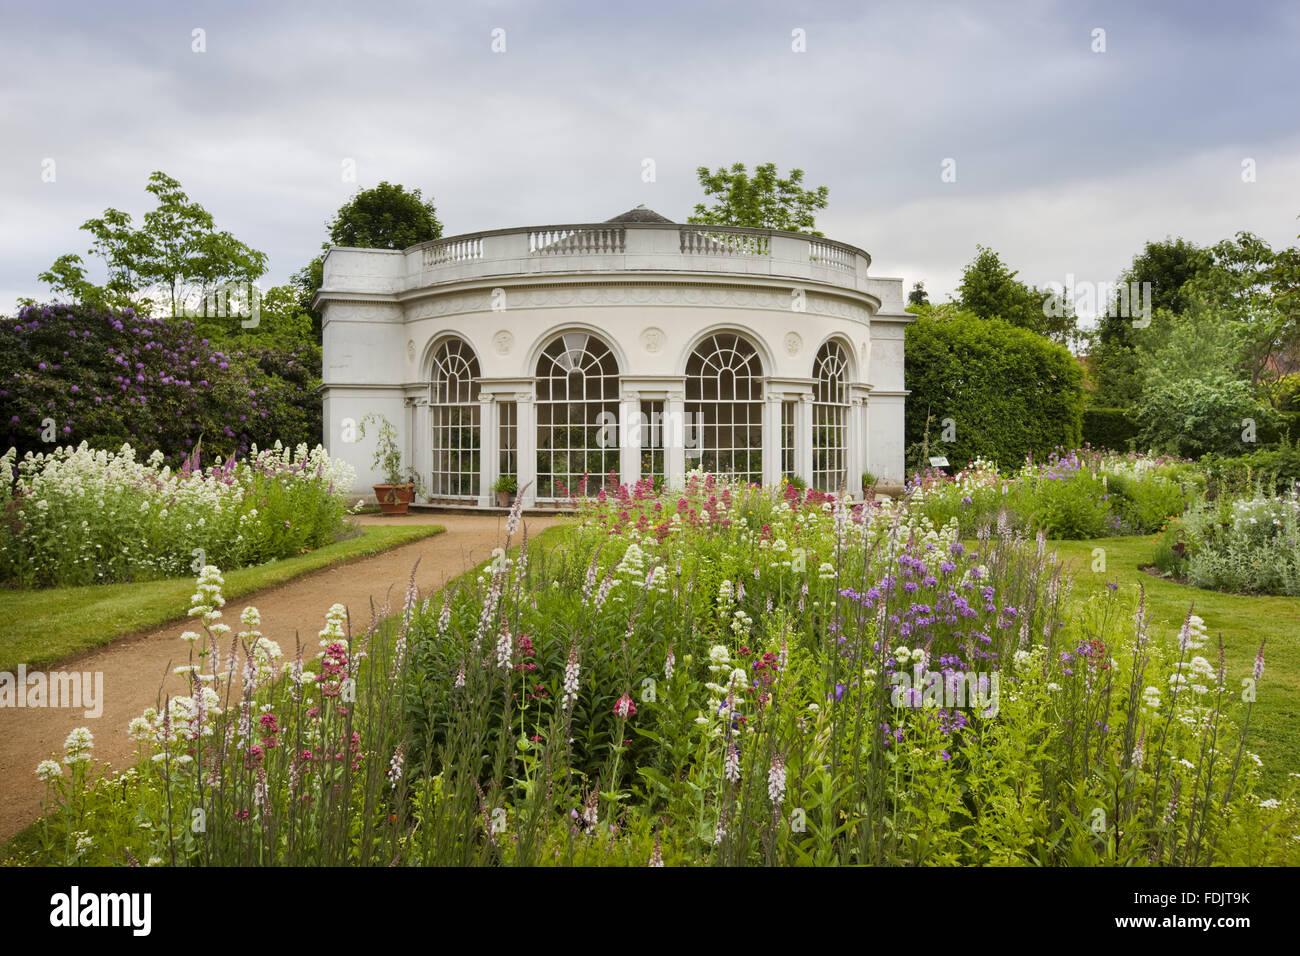 Das Garden House, gebaut im Jahre 1780 von Robert Adam, auf dem Gelände Vergnügen am Osterley, Middlesex. Stockbild